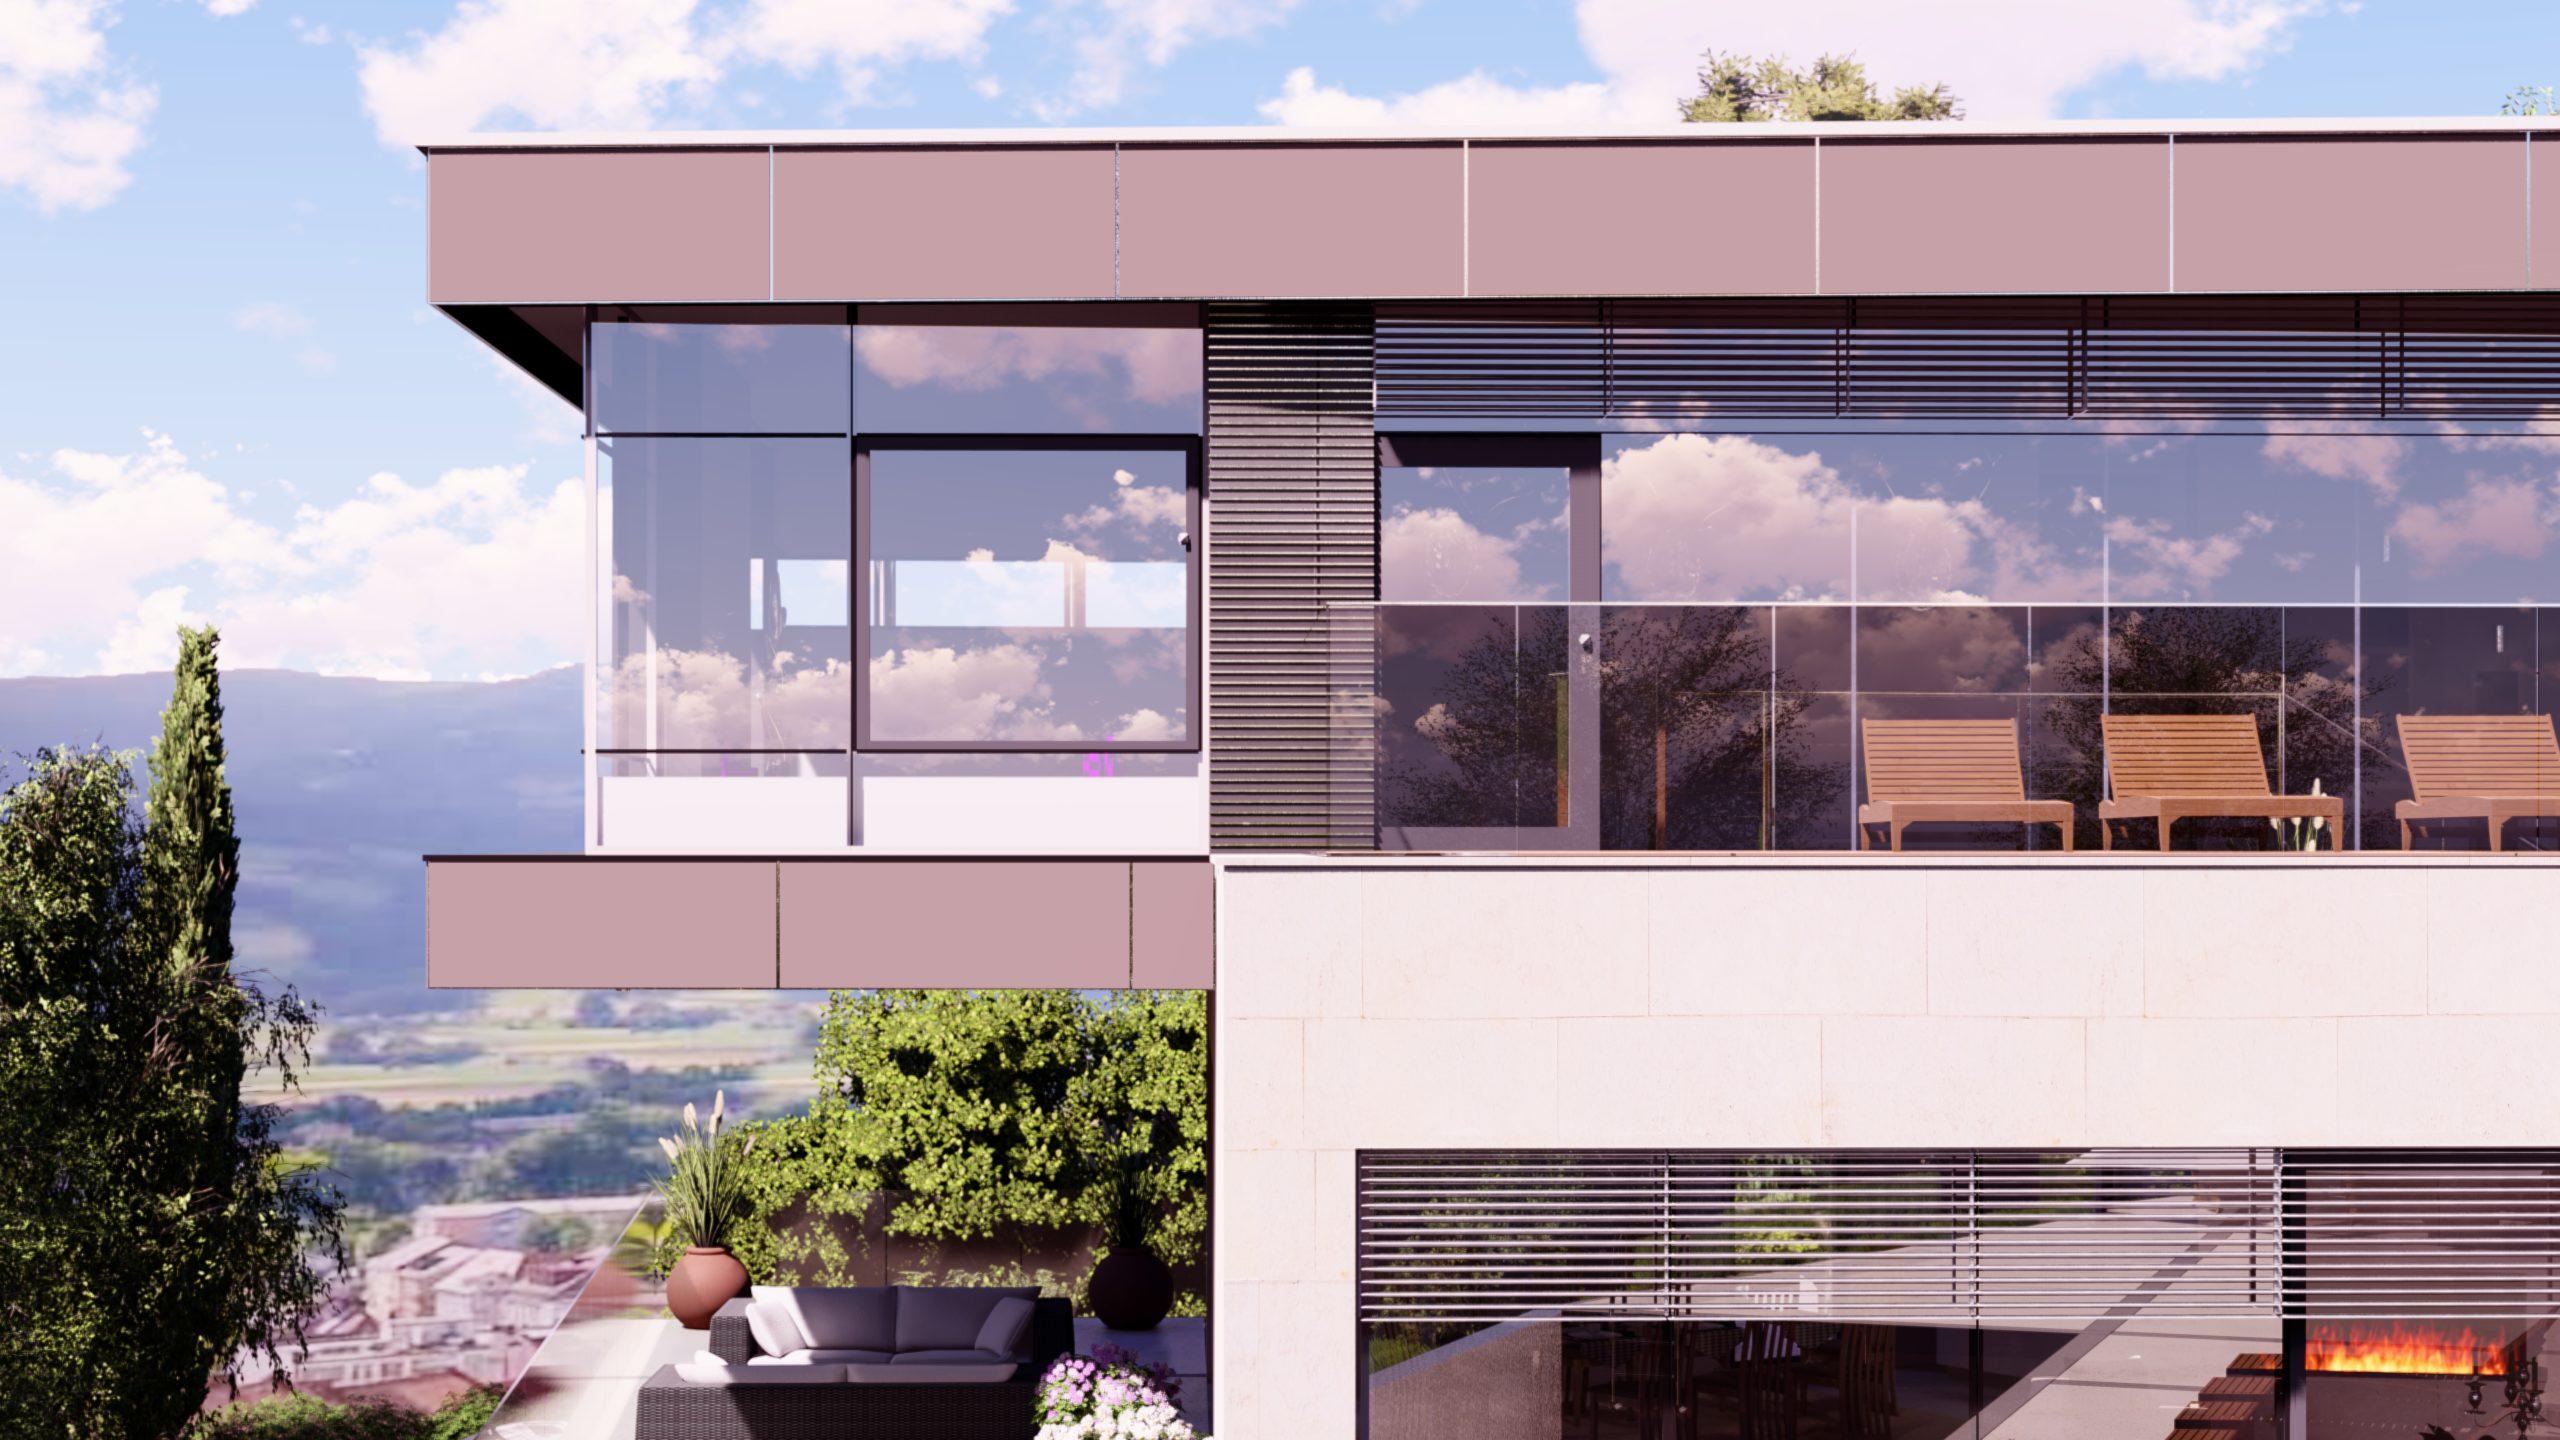 Privathaus in Wolfsberg Detailansicht Haus mit Terasse, Blick ins Tal